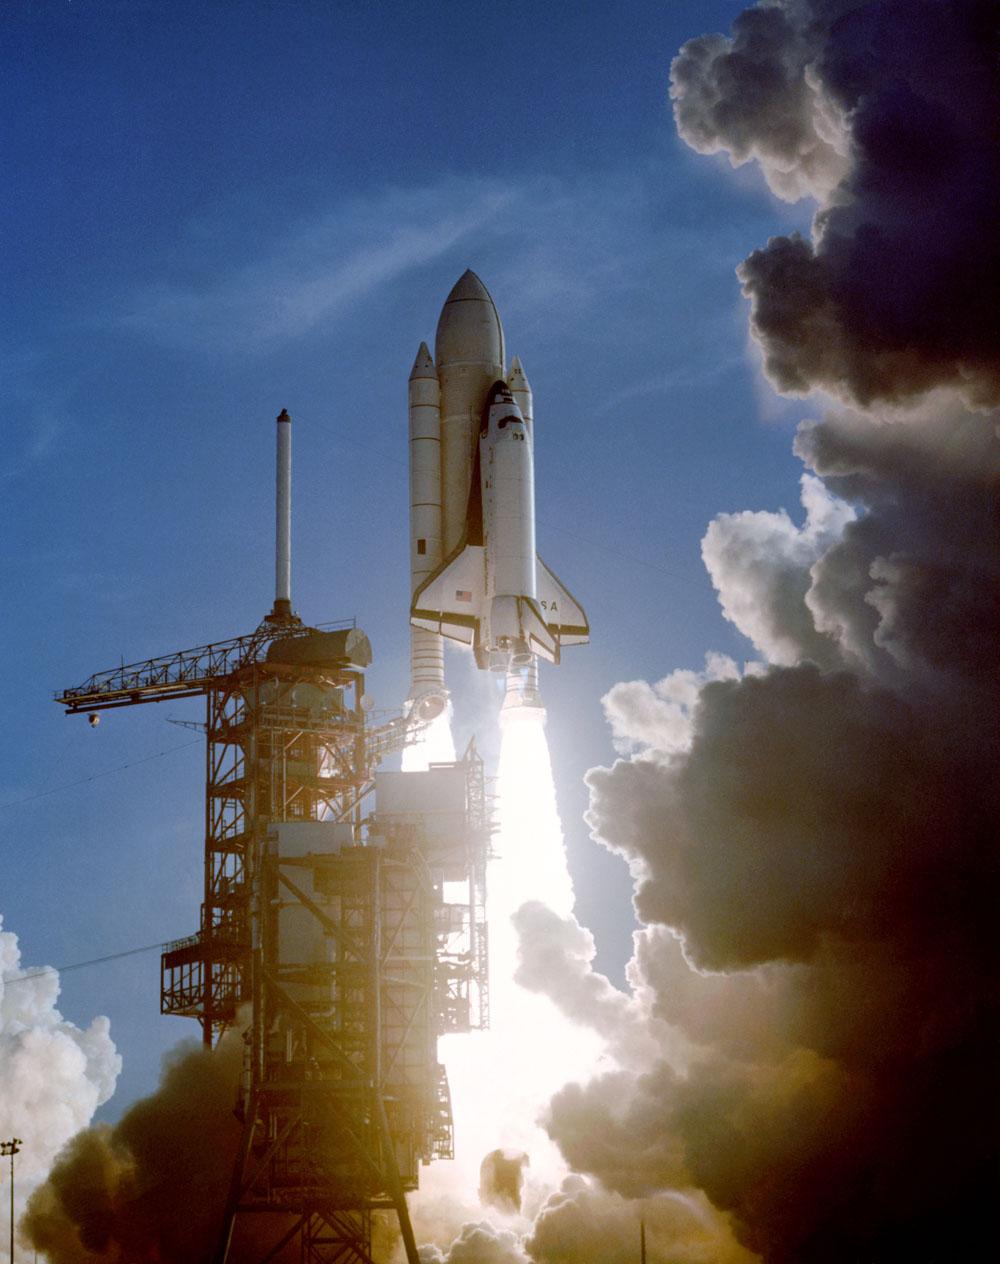 Une caméra à distance de la rampe de lancement 39A du Kennedy Space Center a capturé cette scène alors que le premier vol de la navette spatiale Columbia commence le 12 avril 1981. Les astronautes John W. Young, commandant de la STS-1, et Robert L. Crippen, pilote, étaient à bord. Columbia comme il b